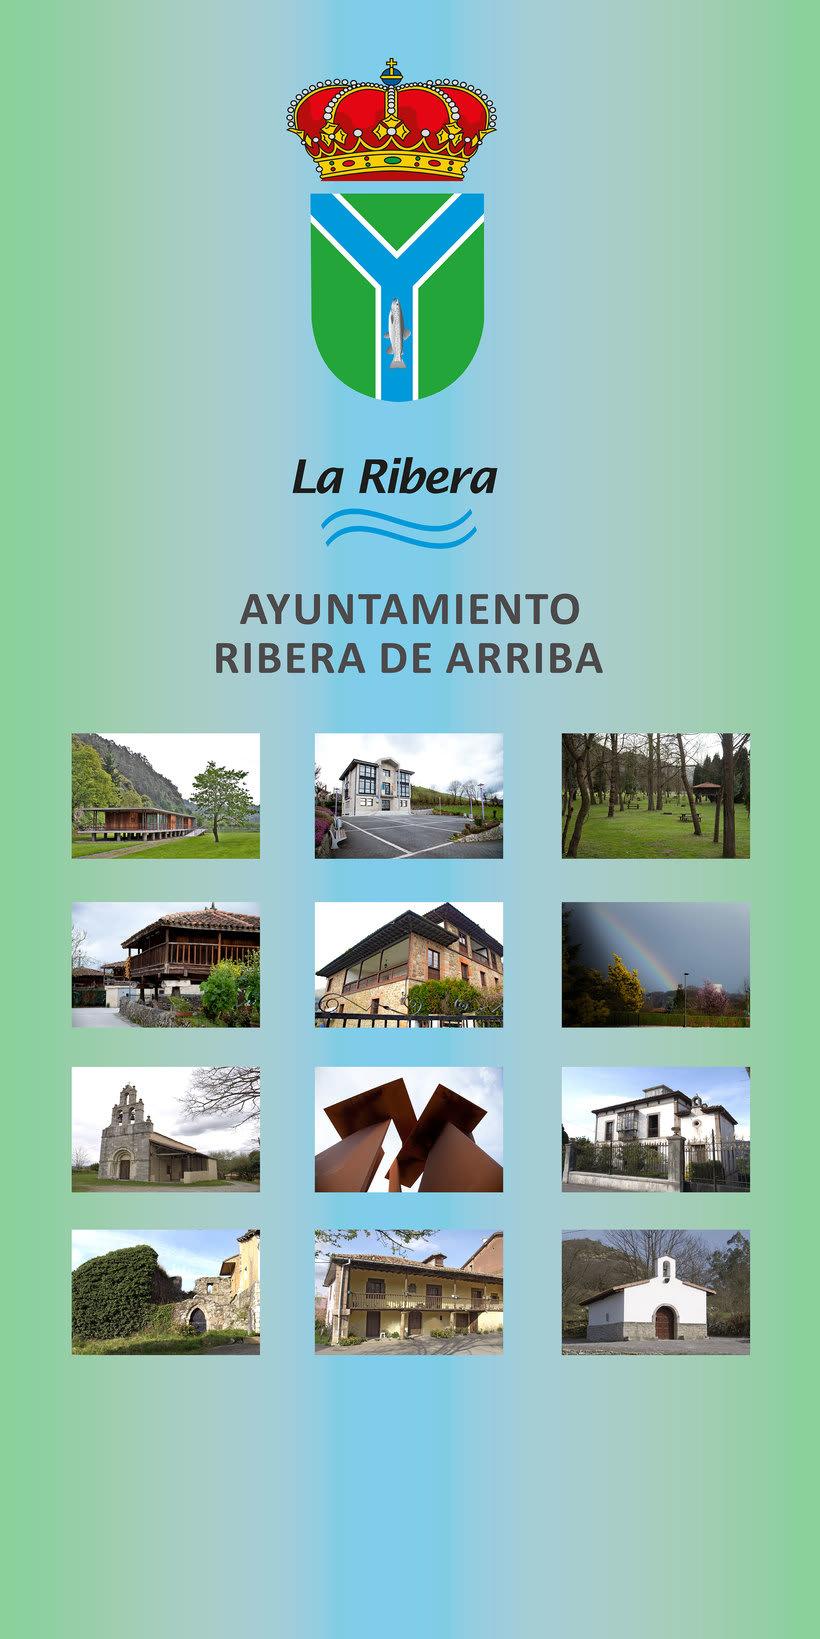 Rollers Ayuntamiento Ribera de Arriba (Asturias) 0